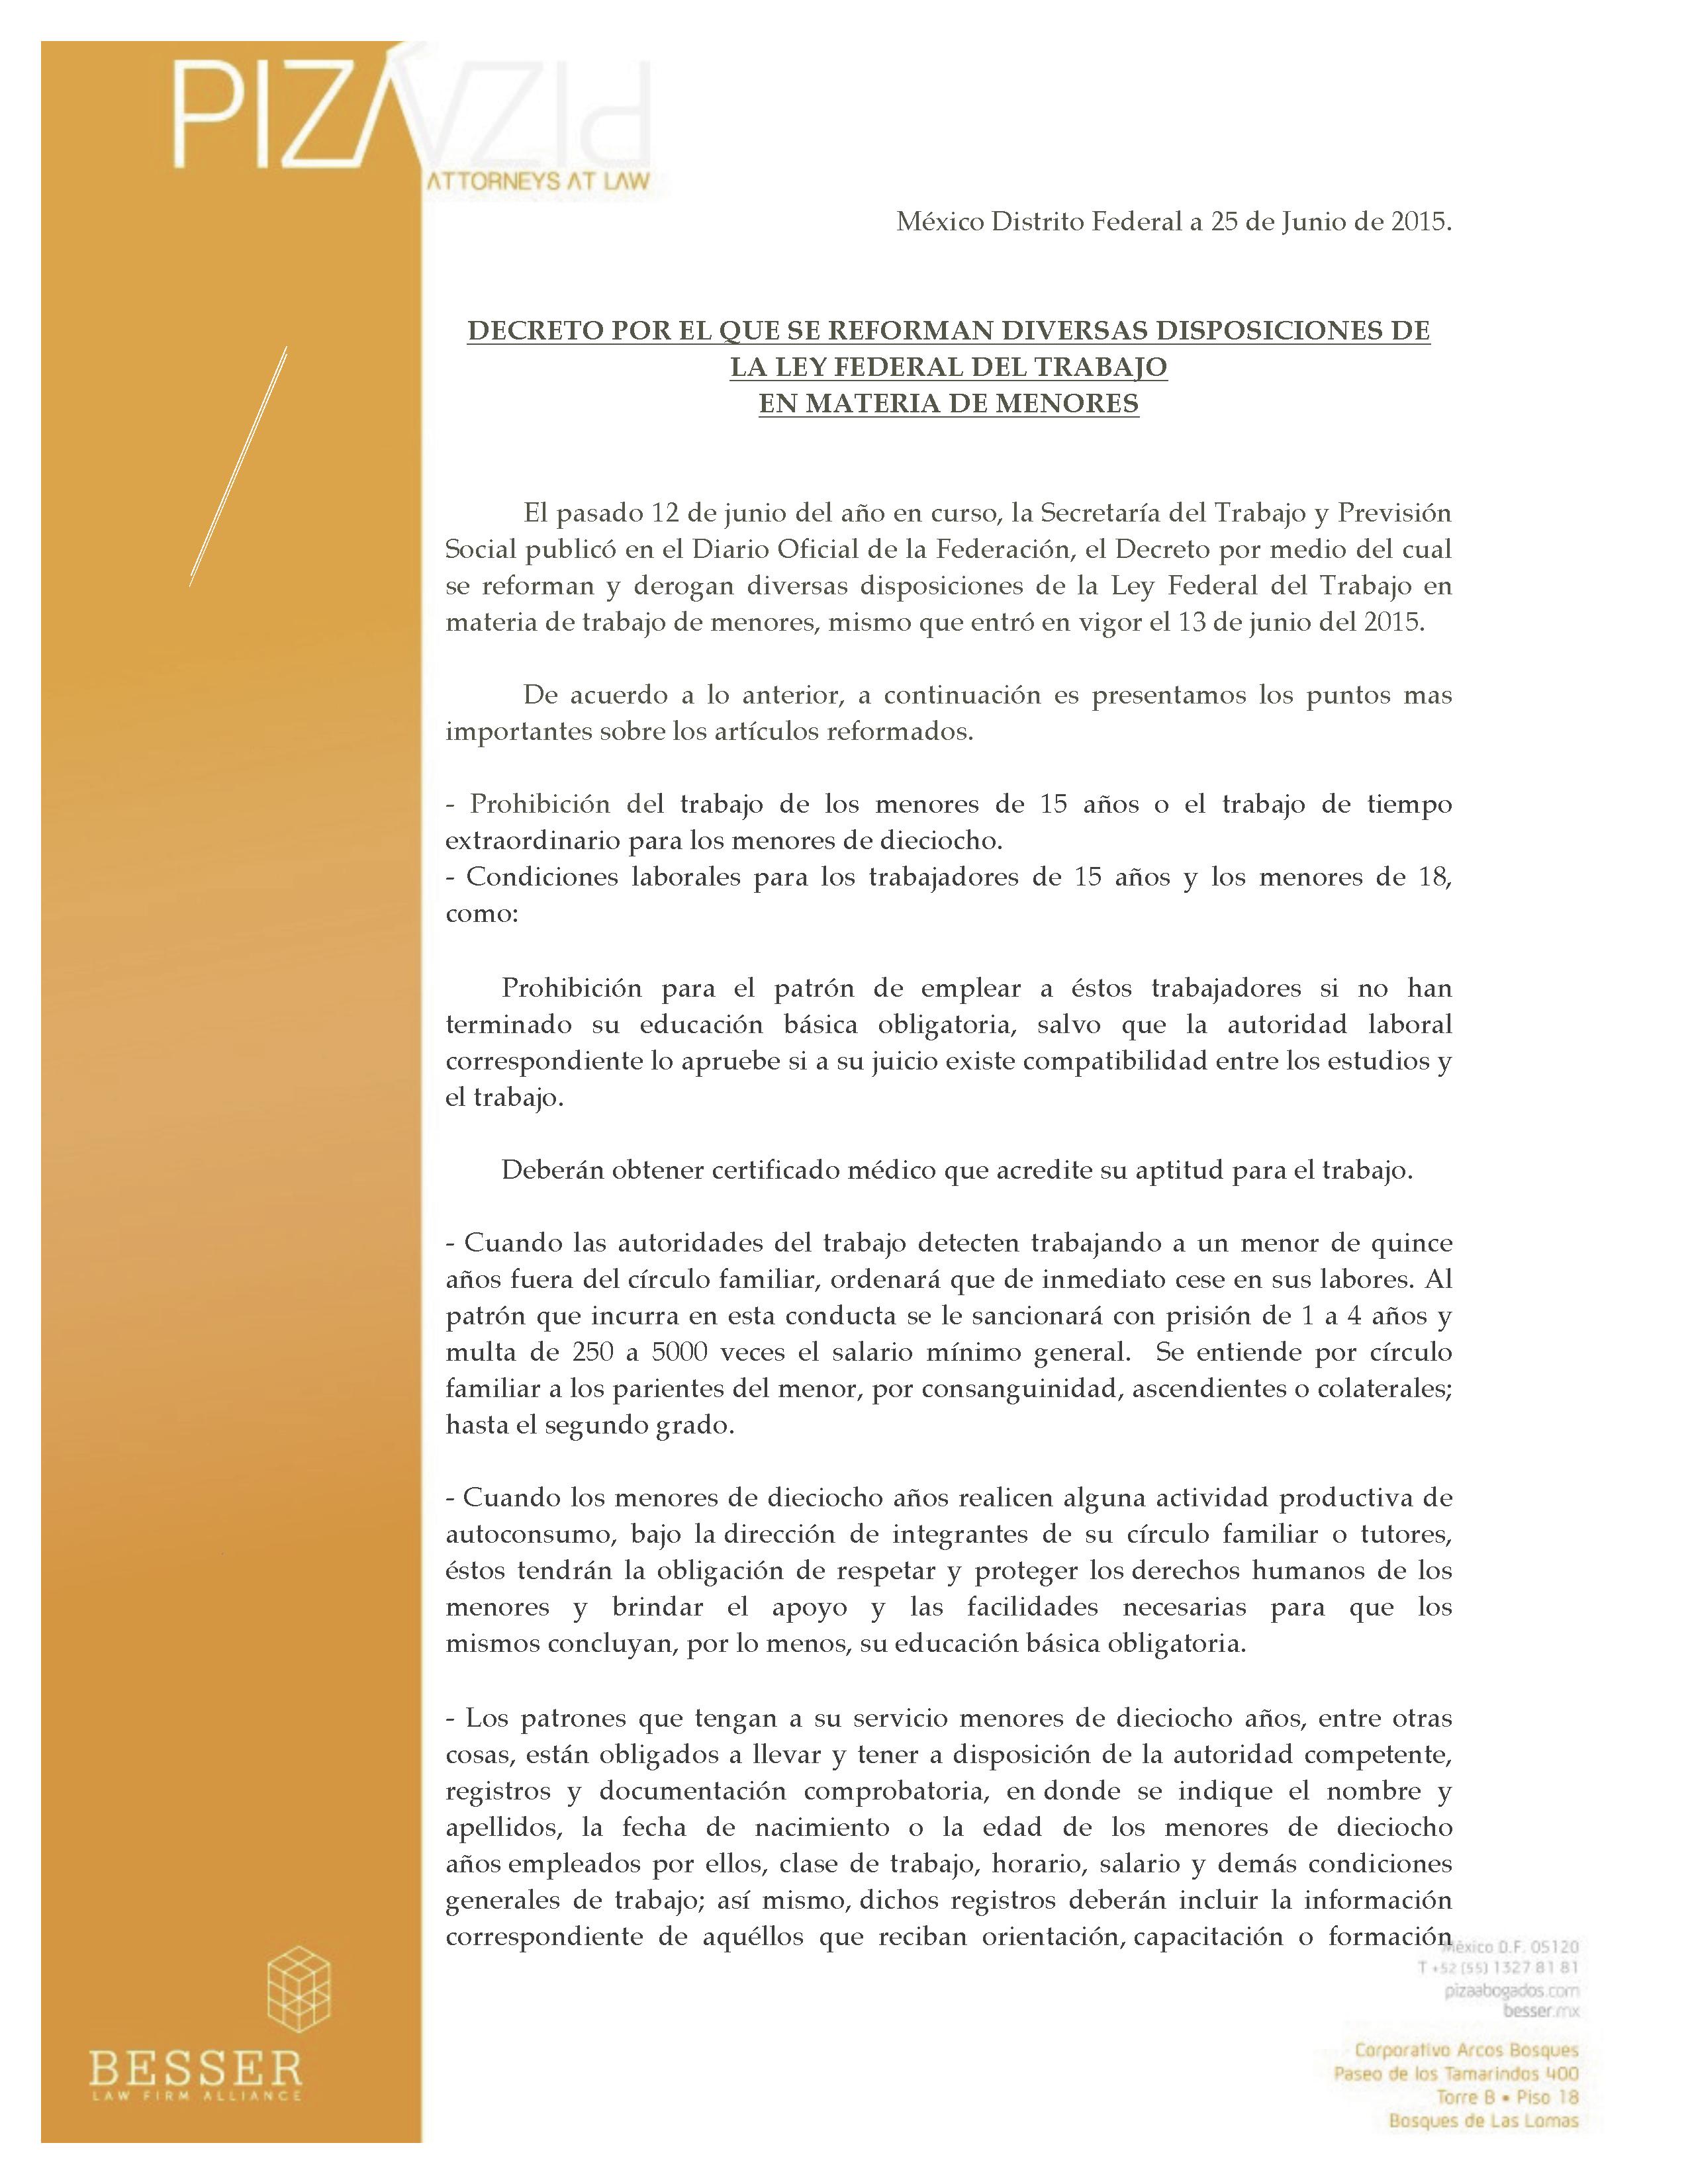 Reforma trabajo de menores LFT_Página_1